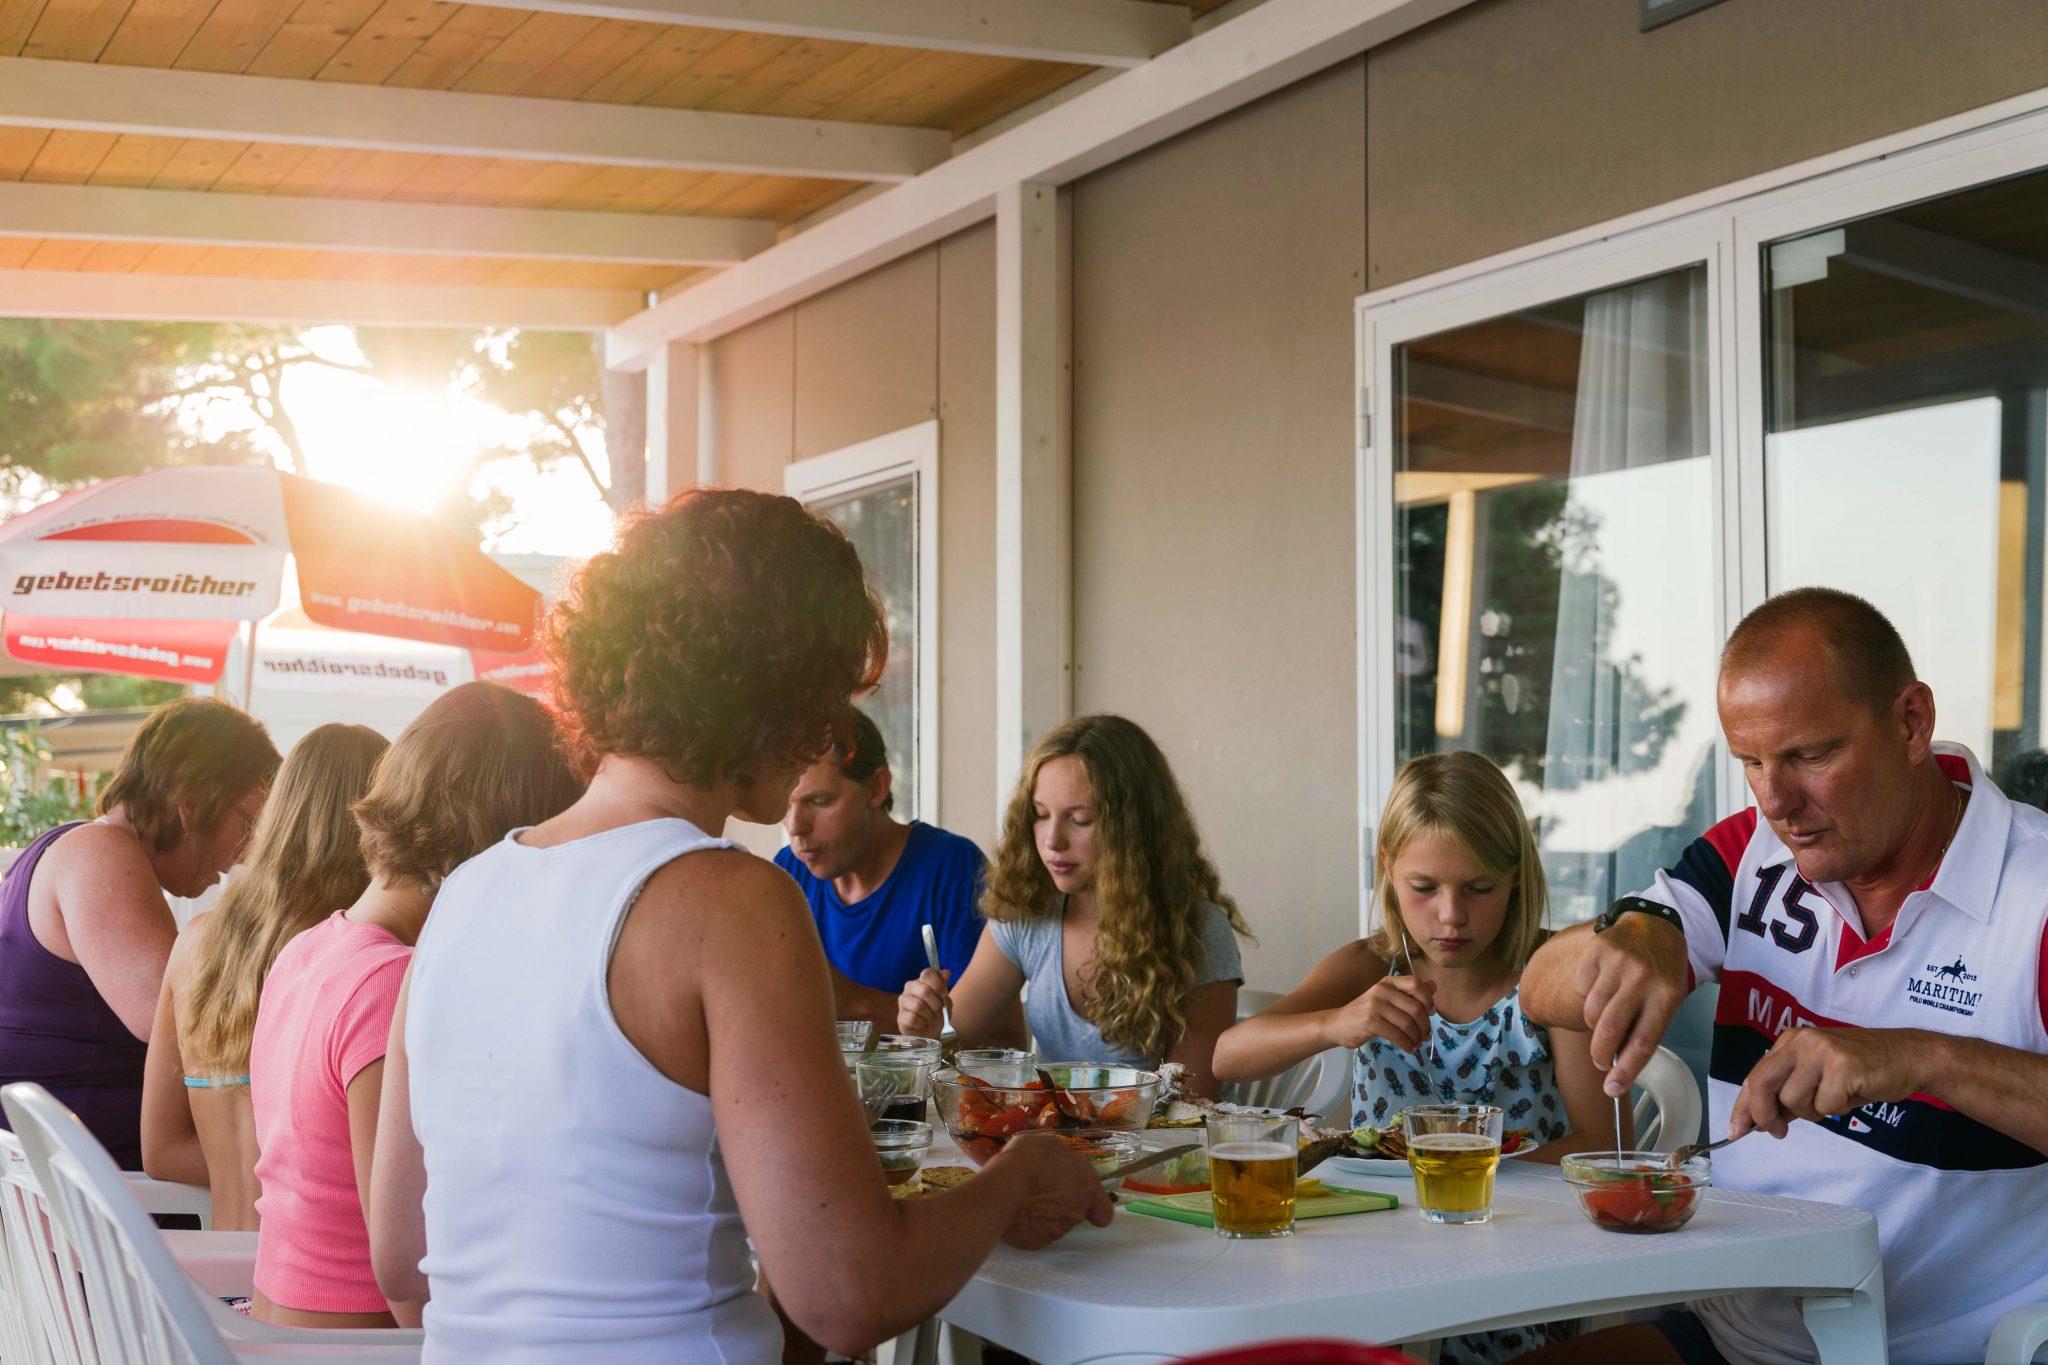 familie essen auf der terrasse